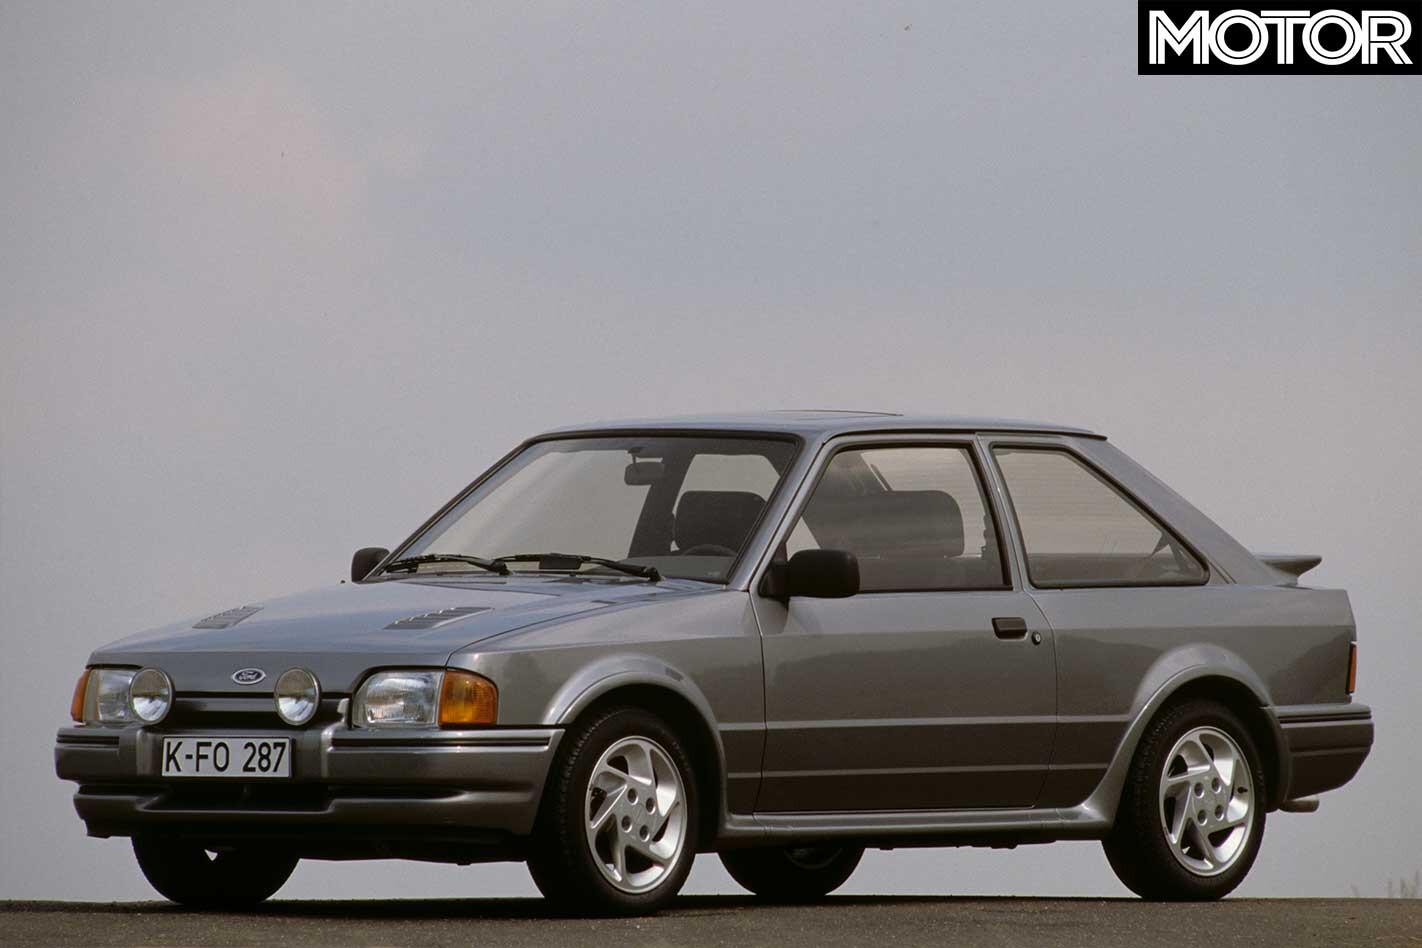 1992 Ford Escort Rs Turbo Jpg